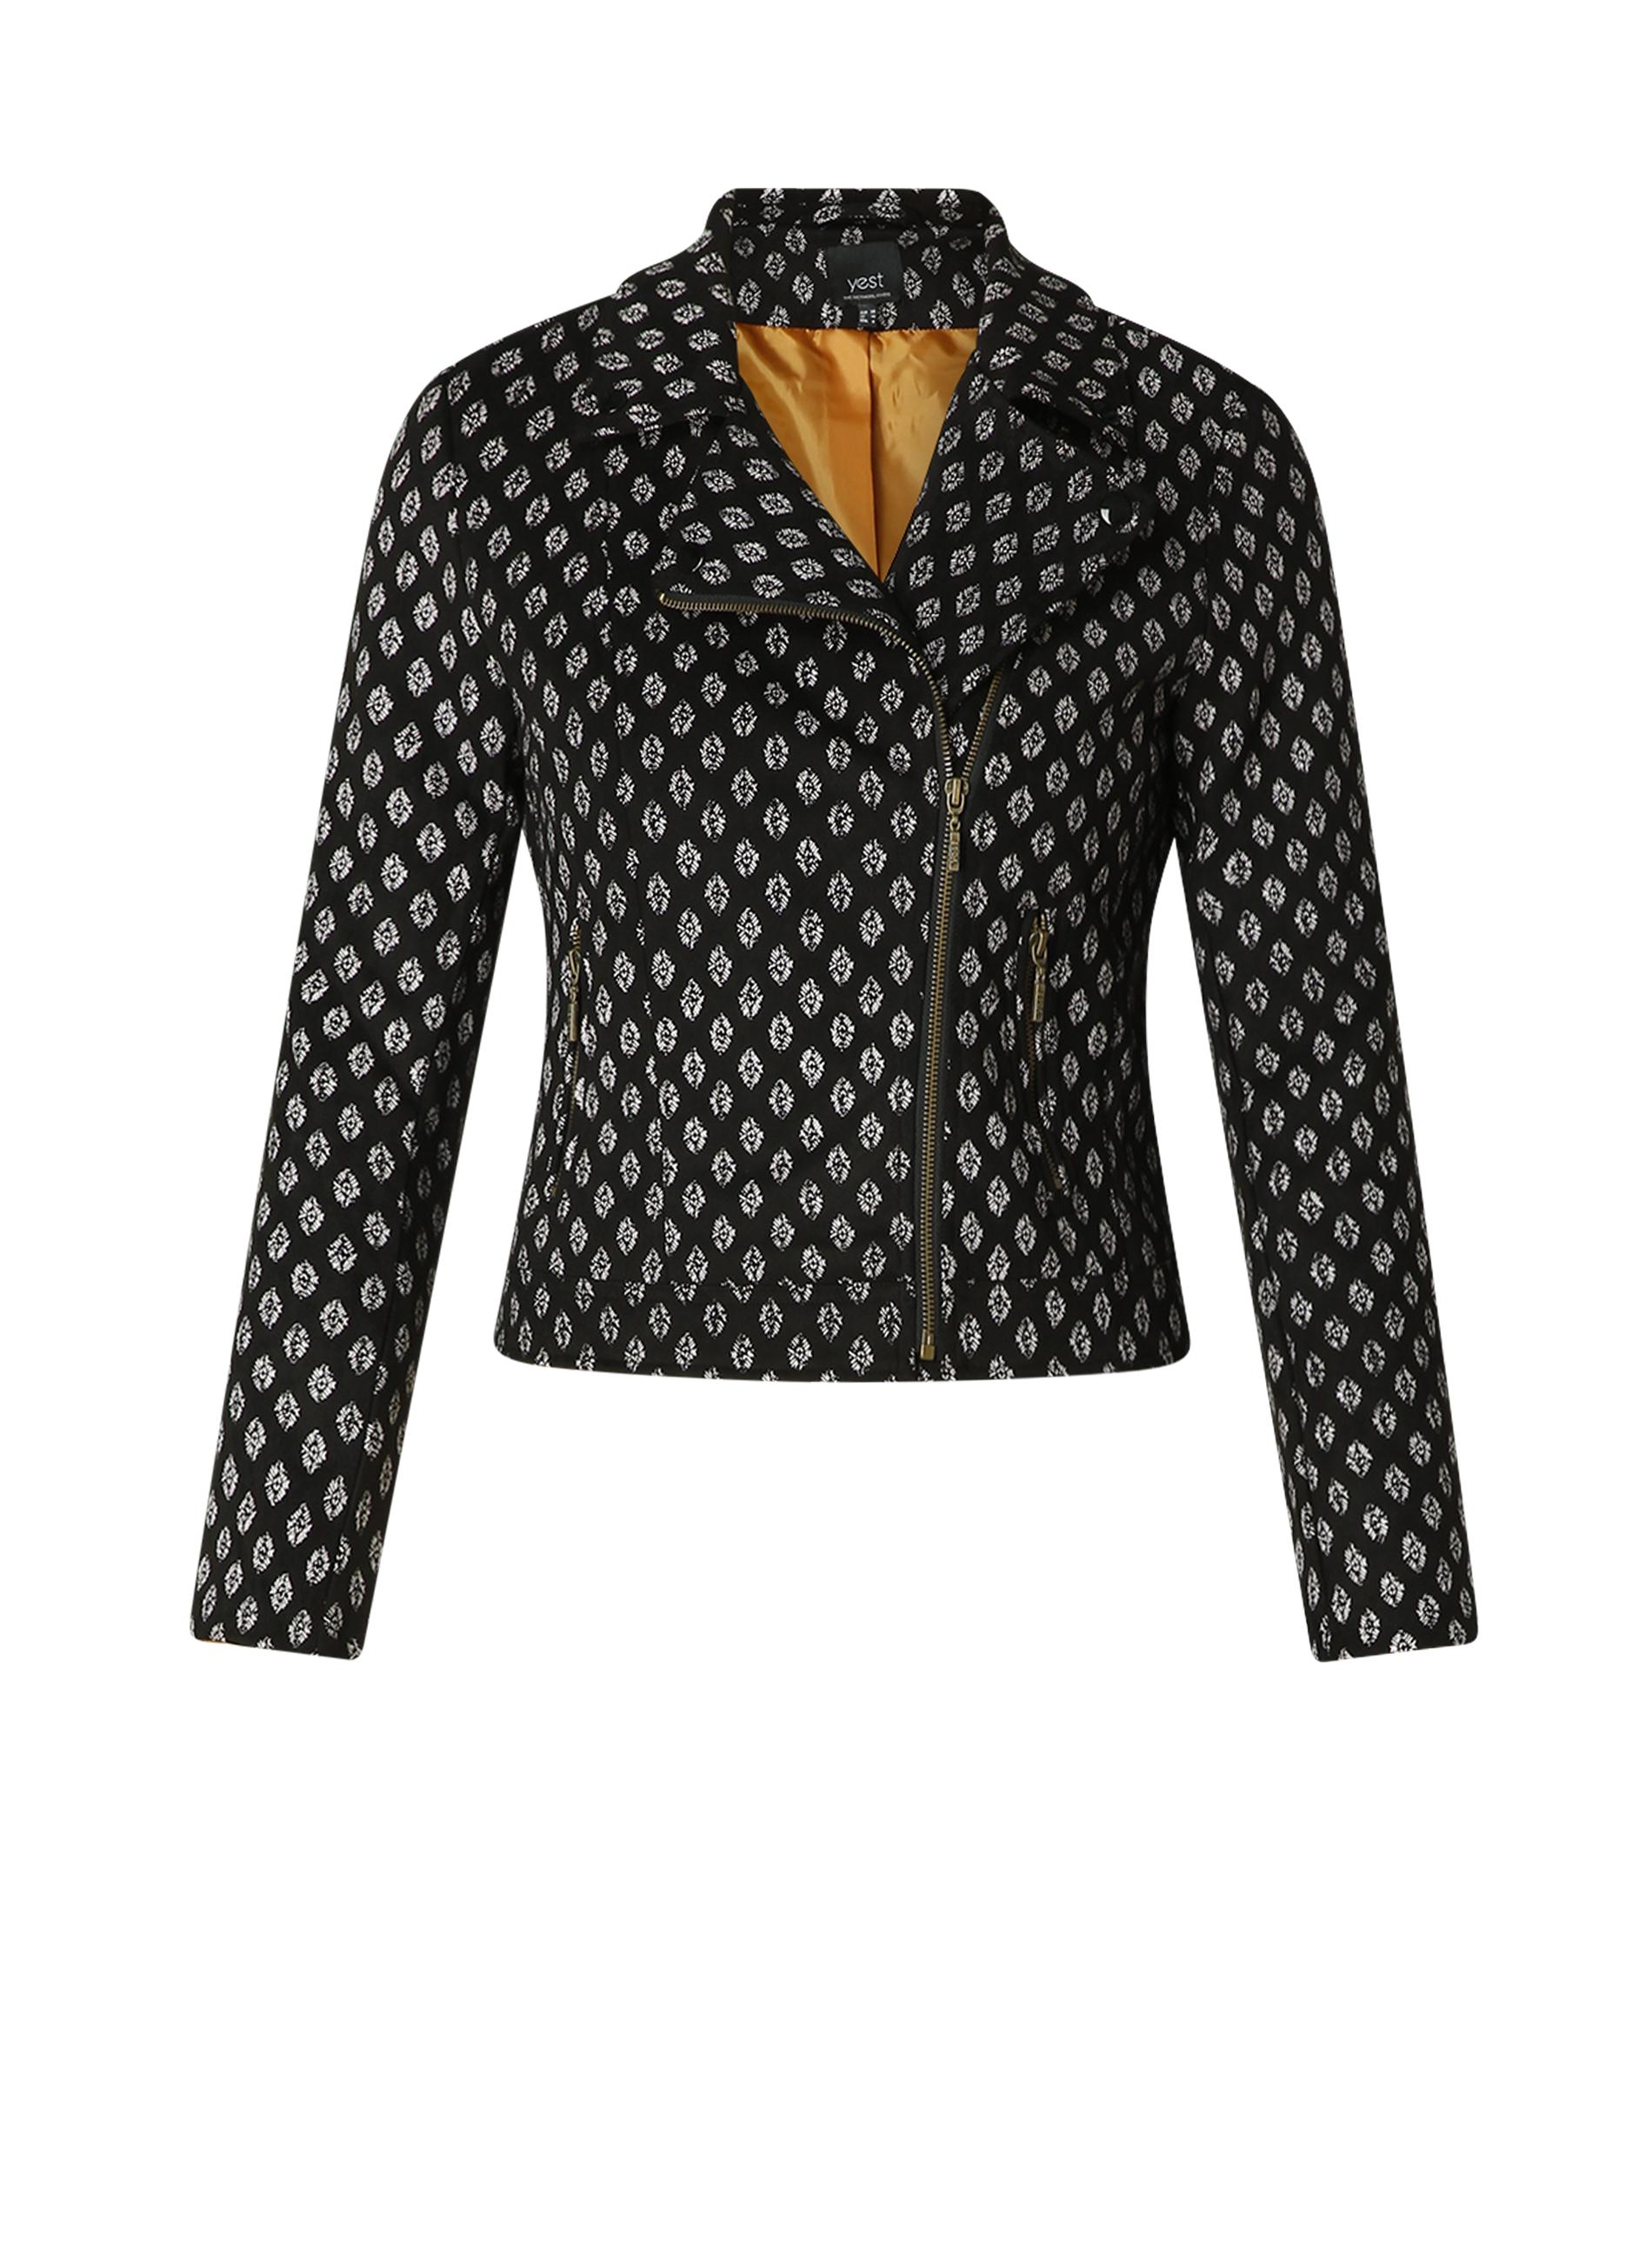 Yesta jas Summer Outerwear 67cm